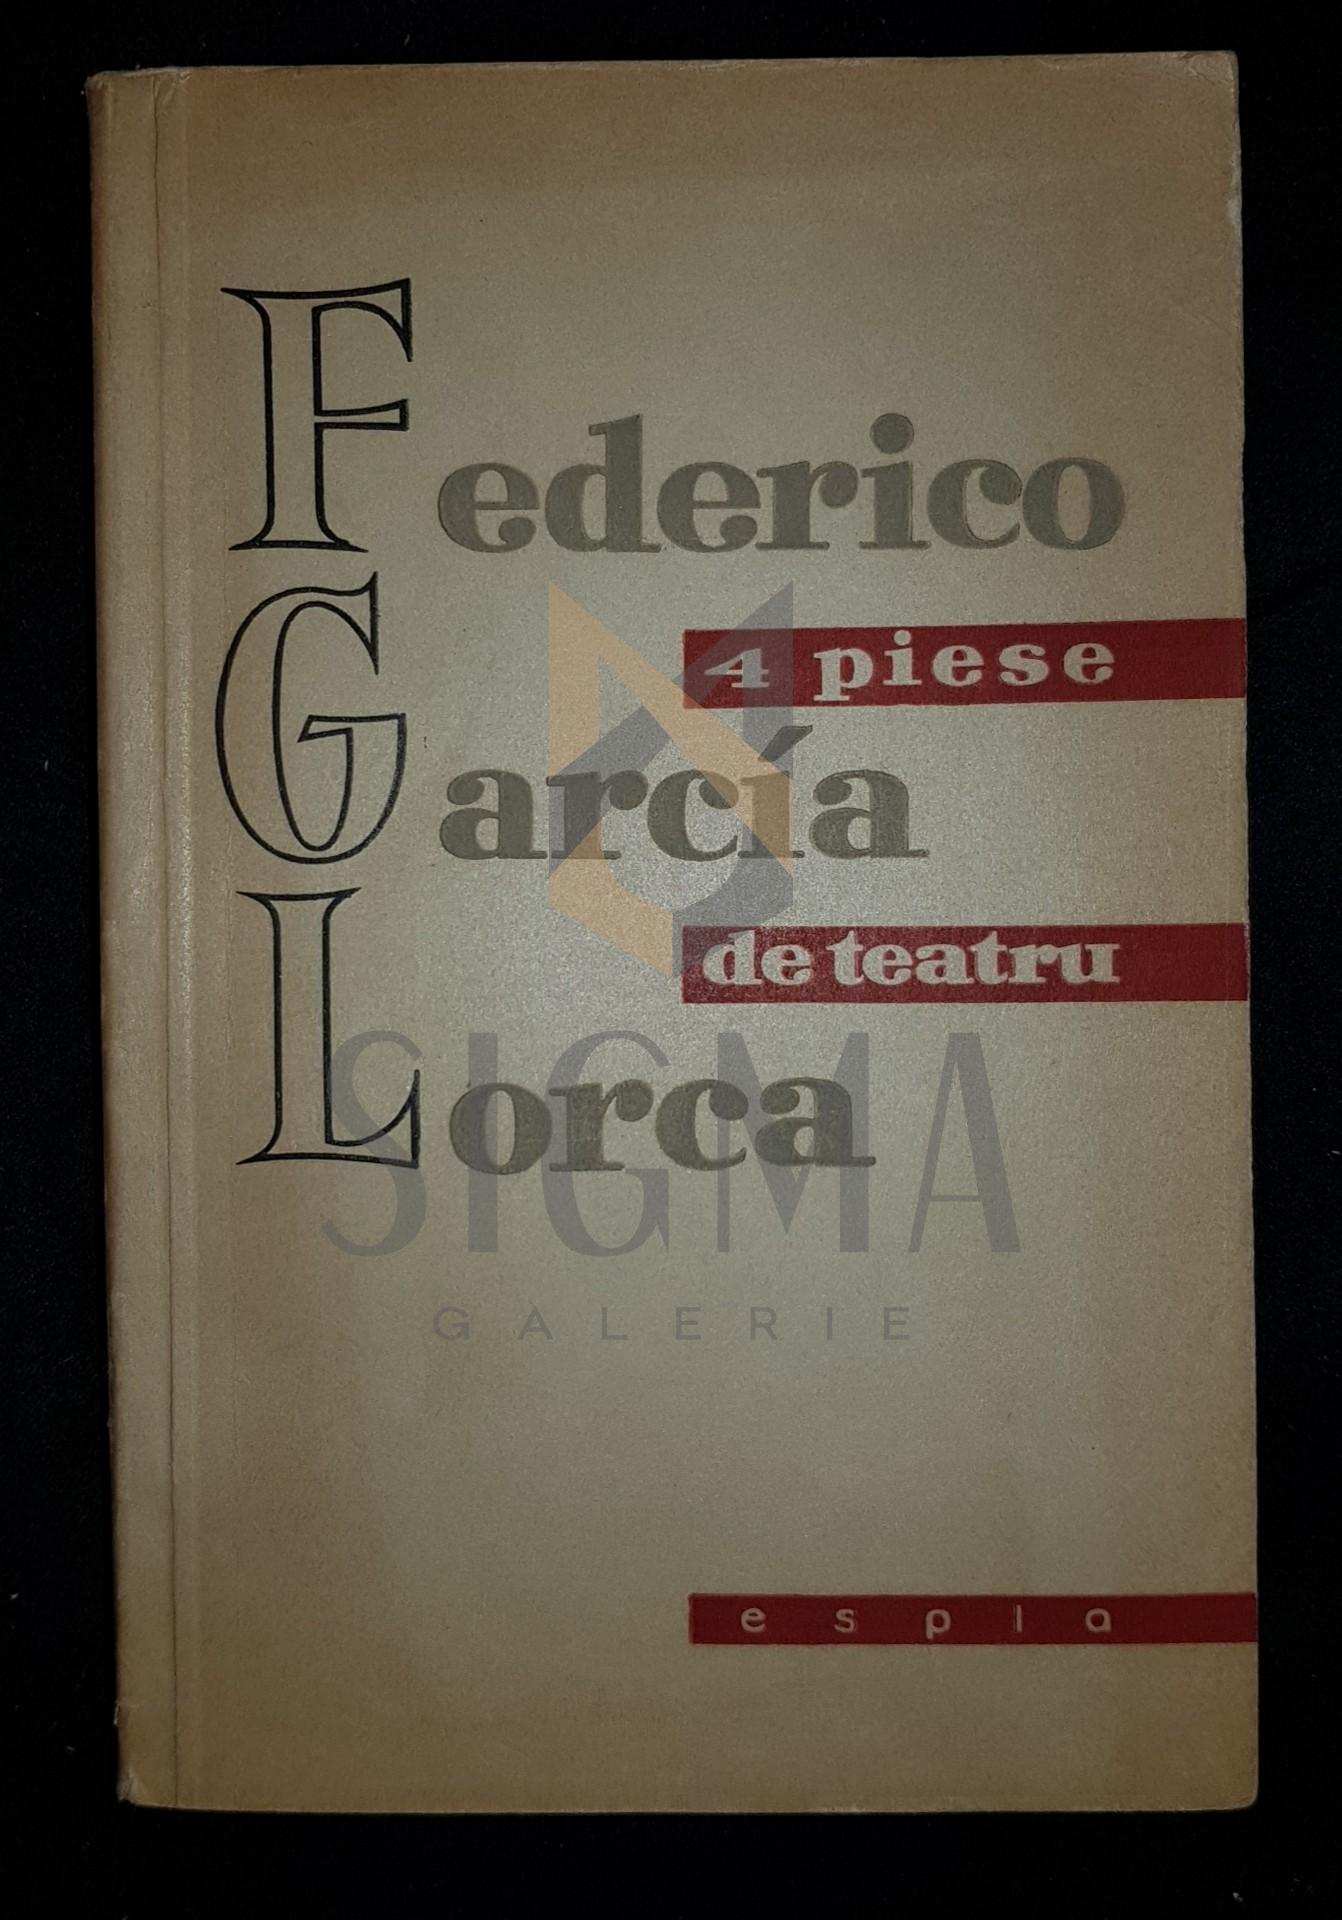 LORCA FEDERICO GARCIA